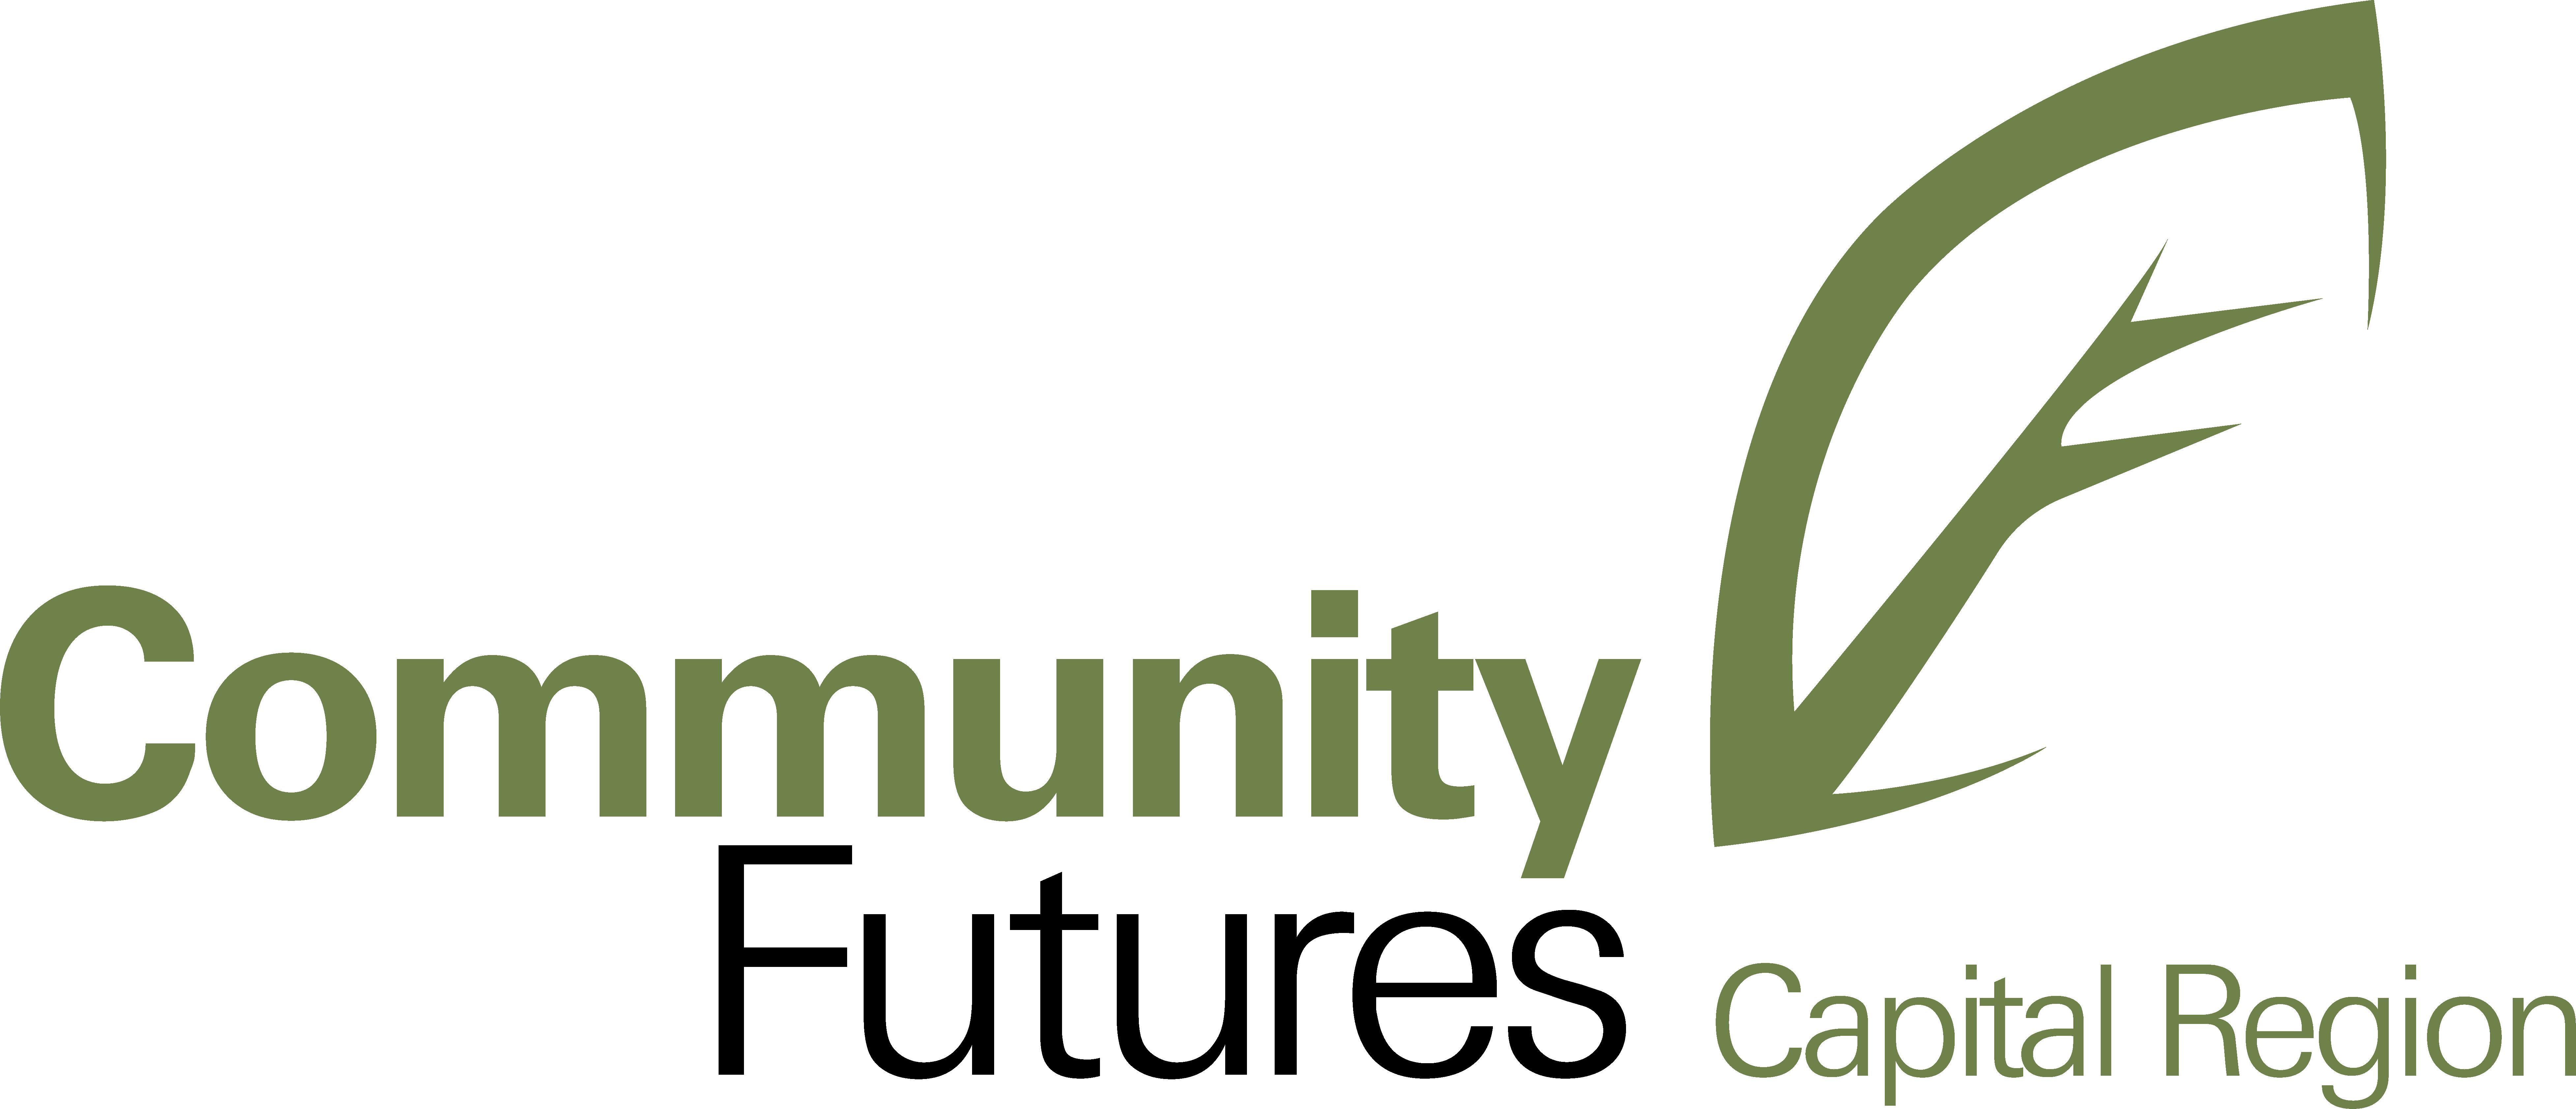 Community Futures Capital Region